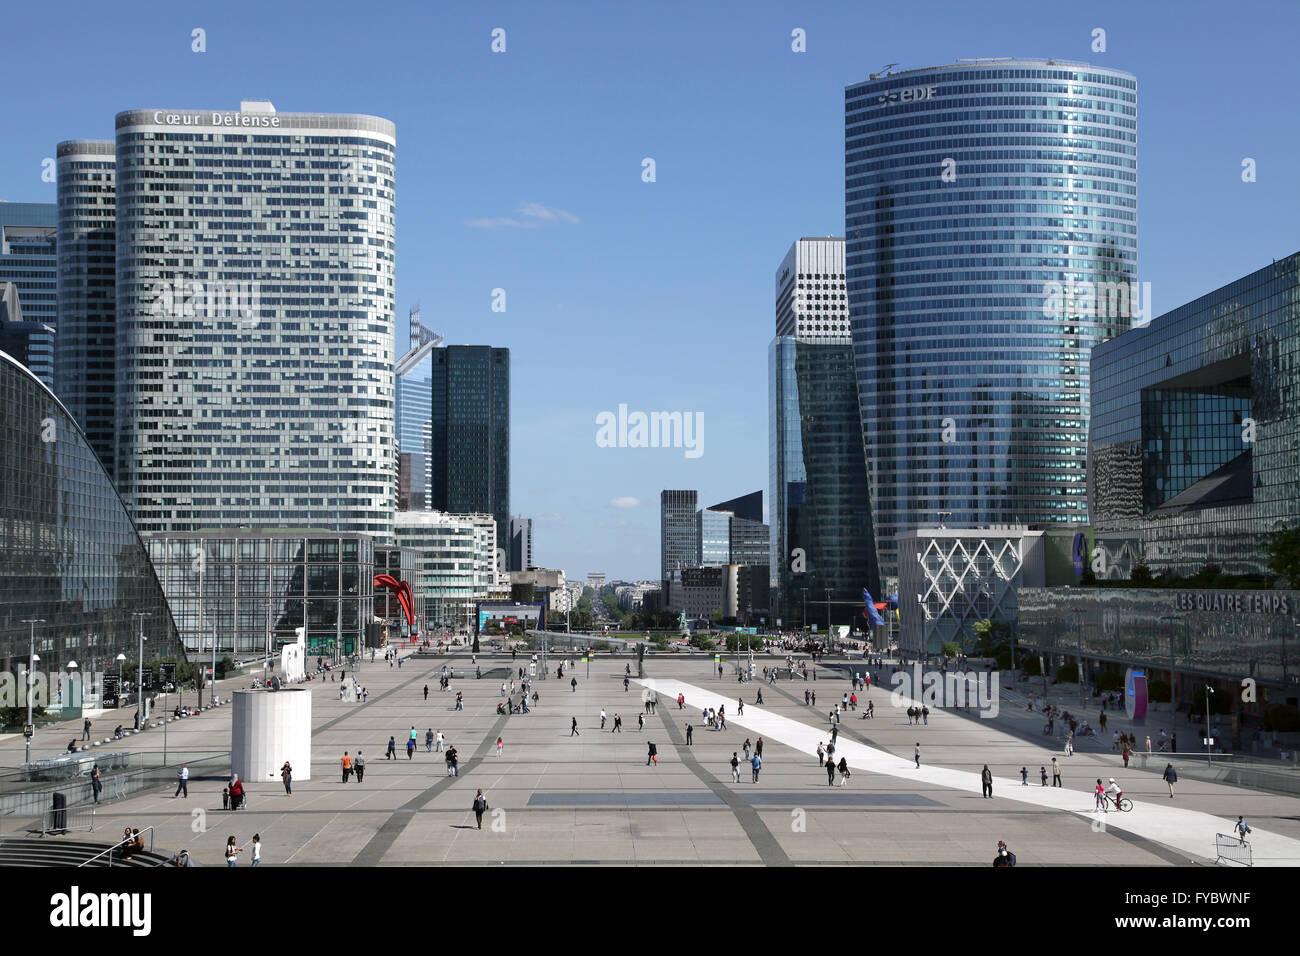 Cityscape of La Défense Paris major business district in Paris - Stock Image